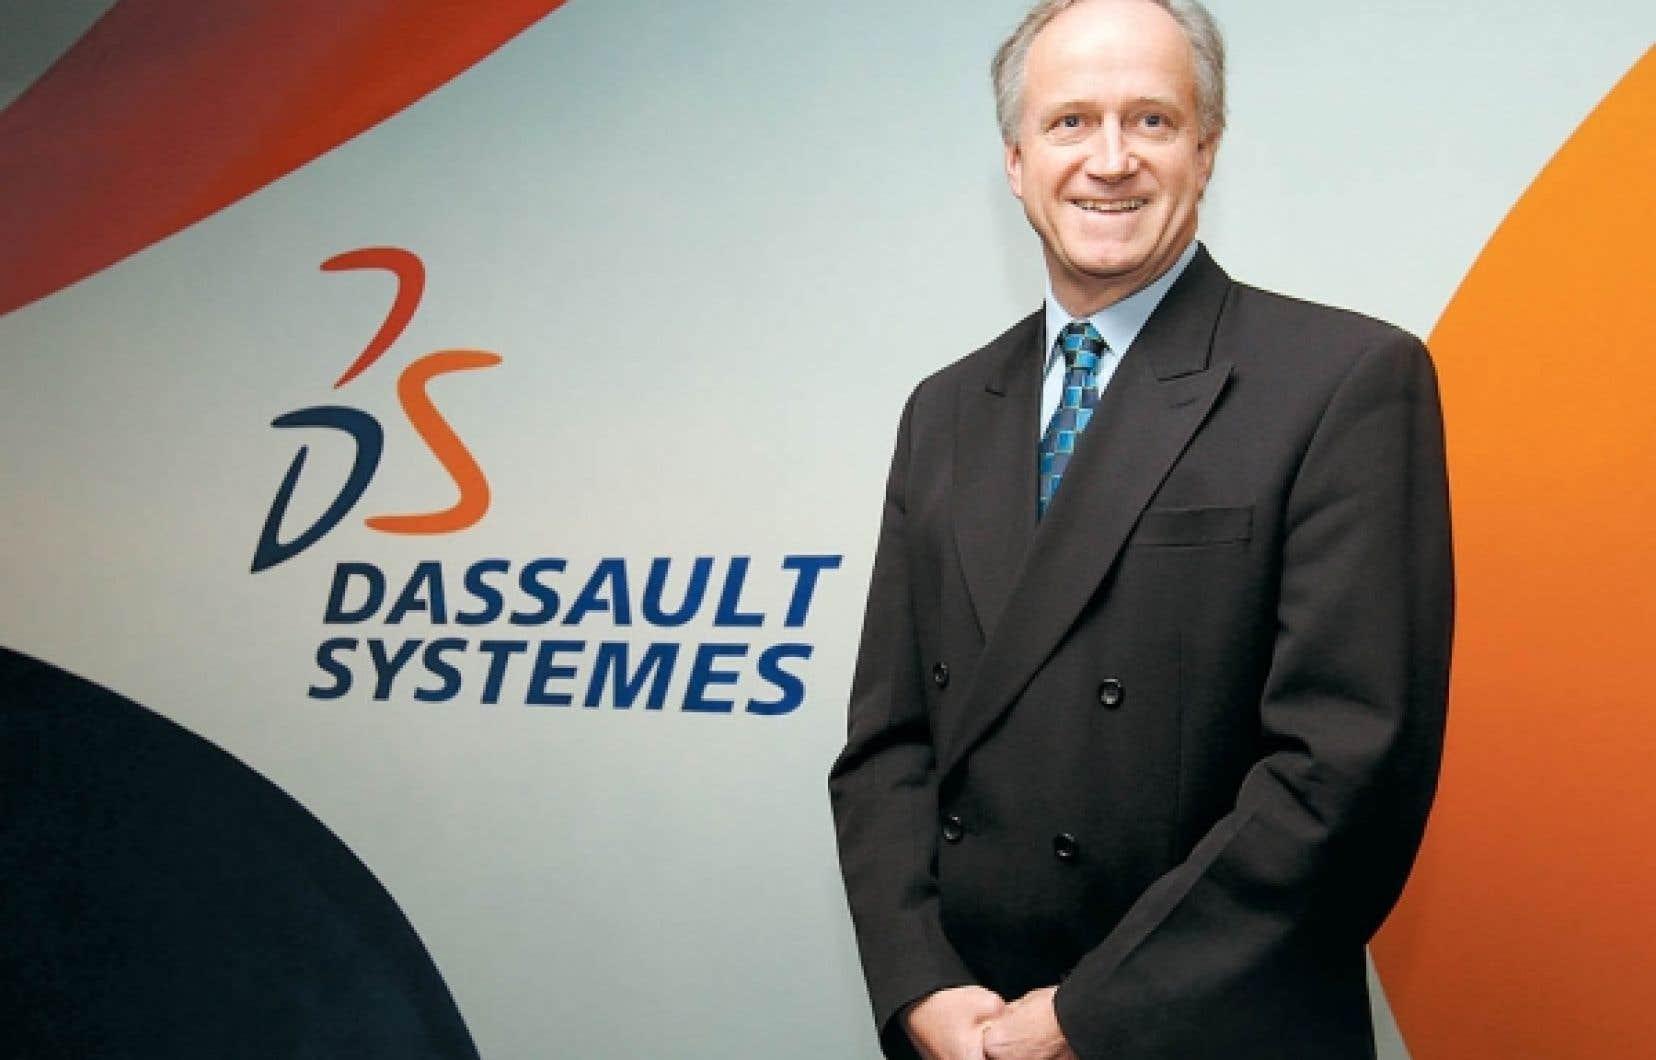 François Bouffard, vice-président pour les Amériques de DS, constate que le 3D est encore émergent même si l'on en parle depuis 1981.